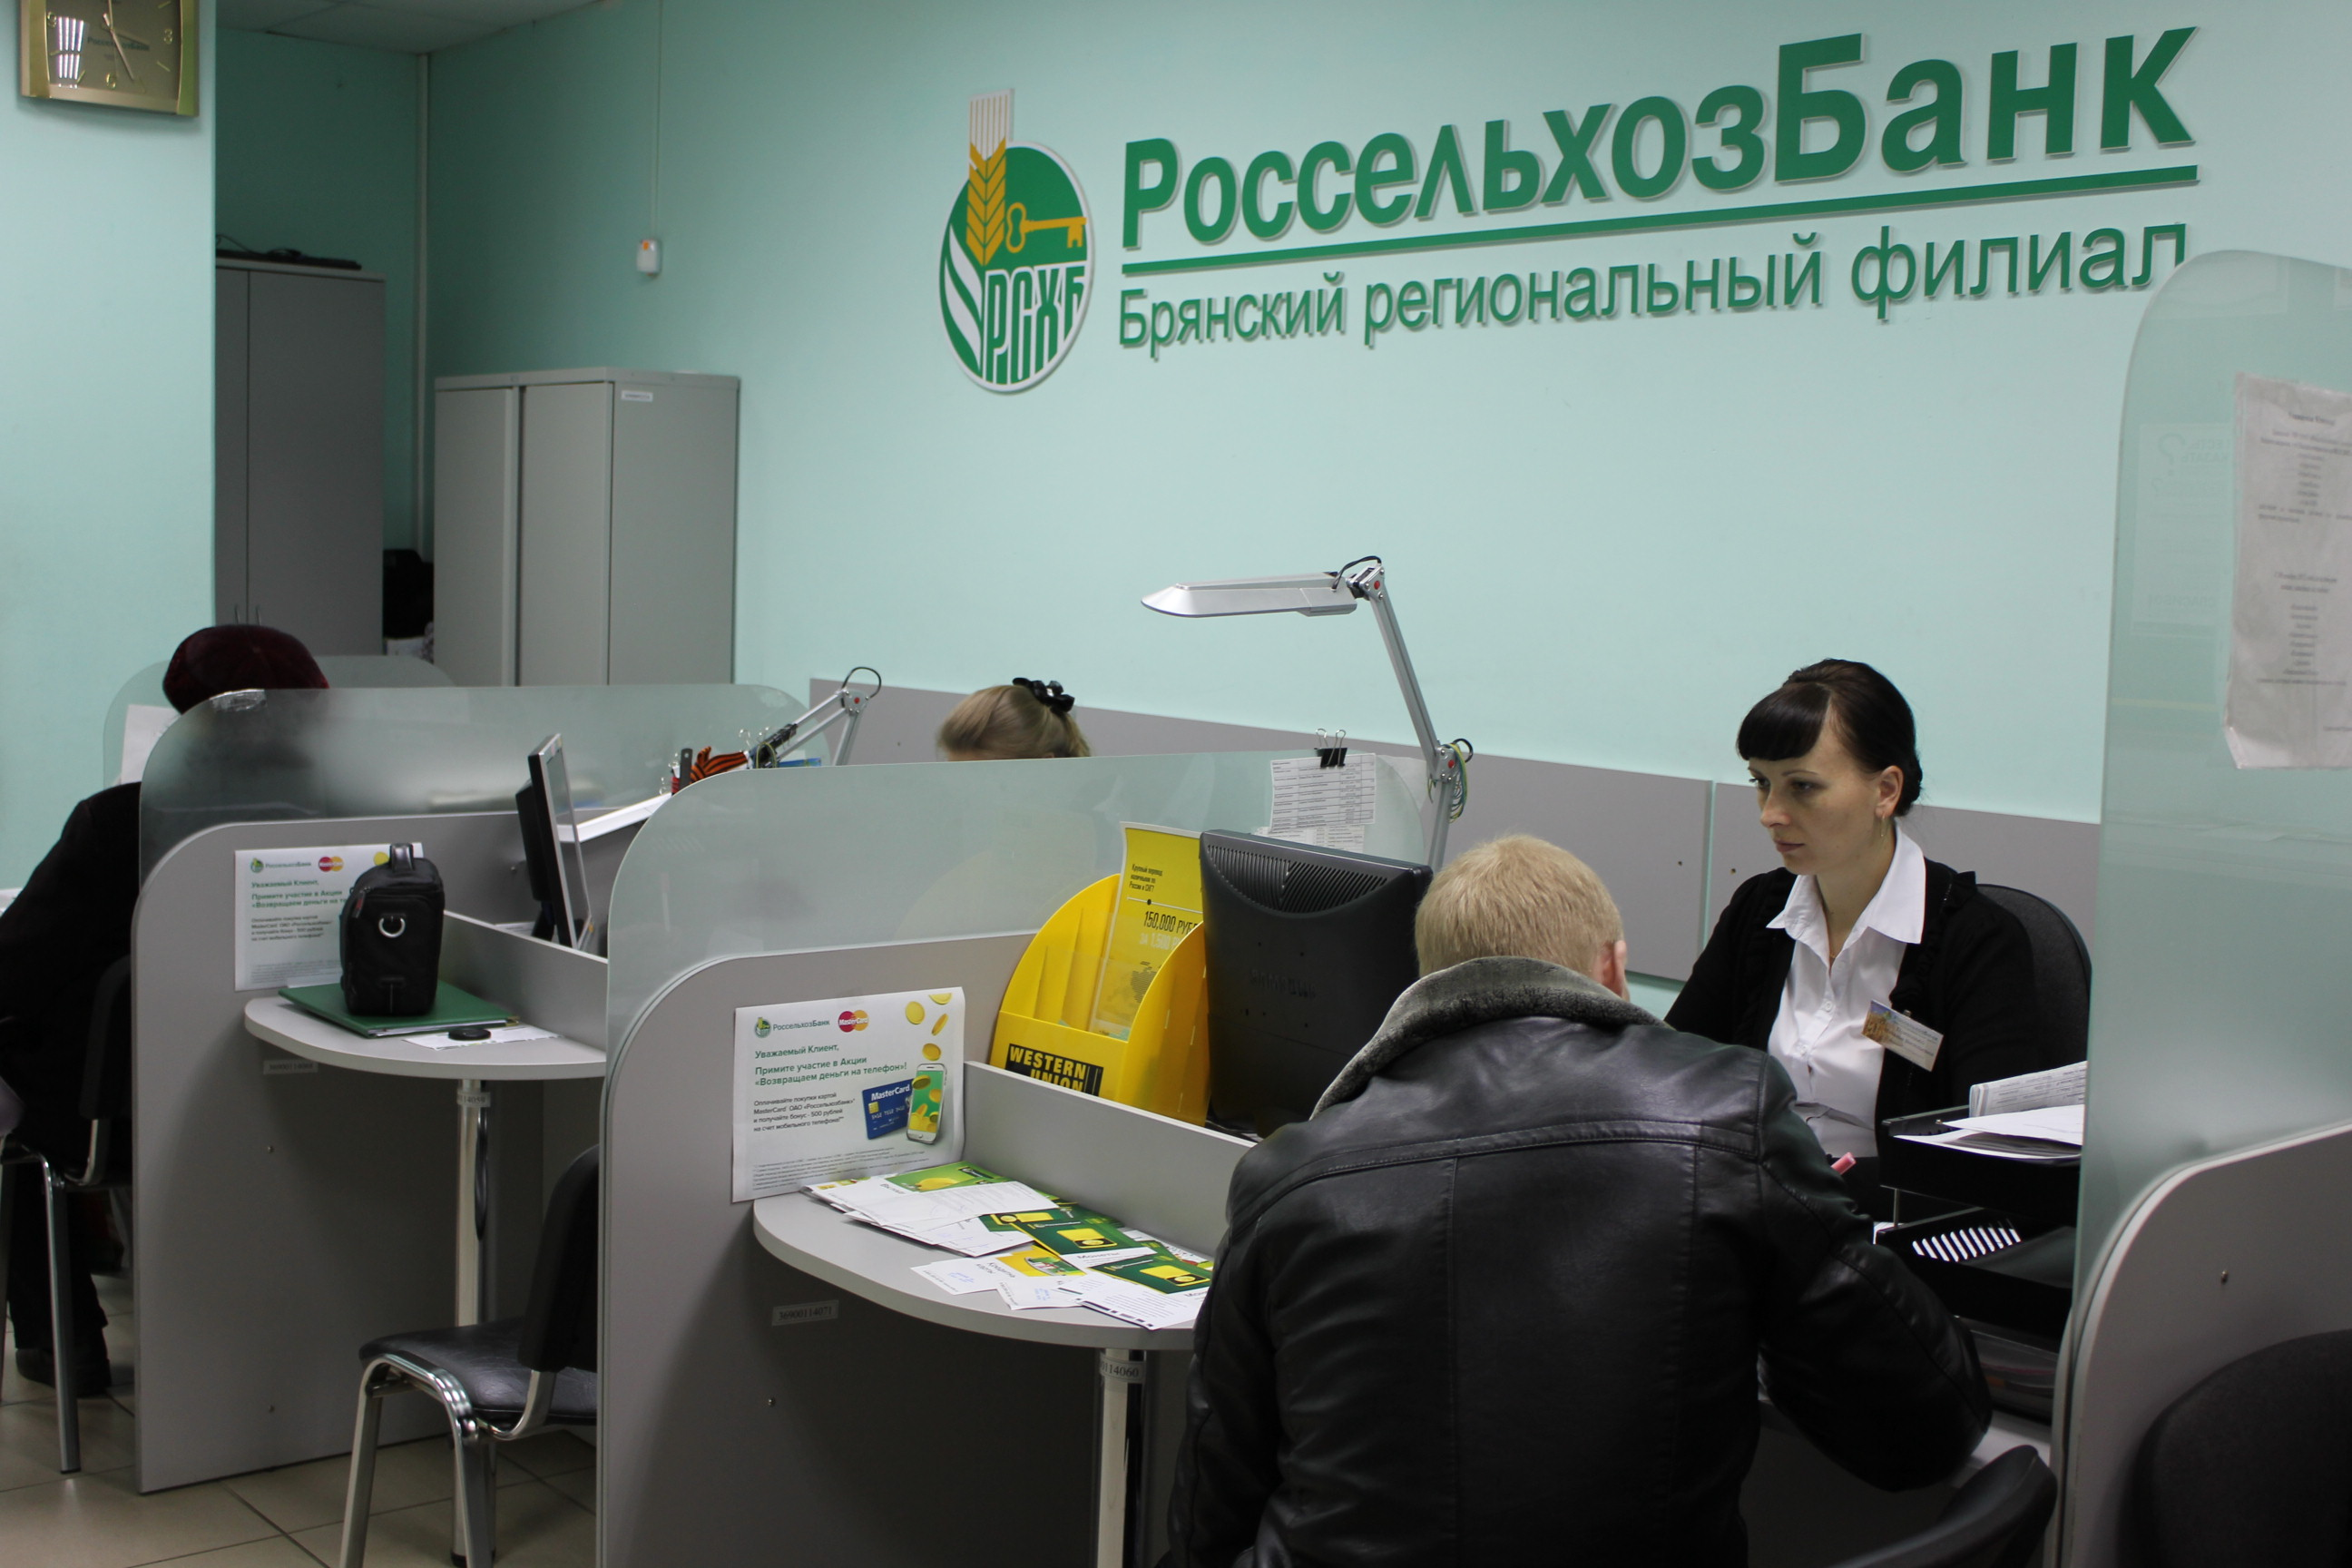 Почта банк в волгограде кредит пенсионерам